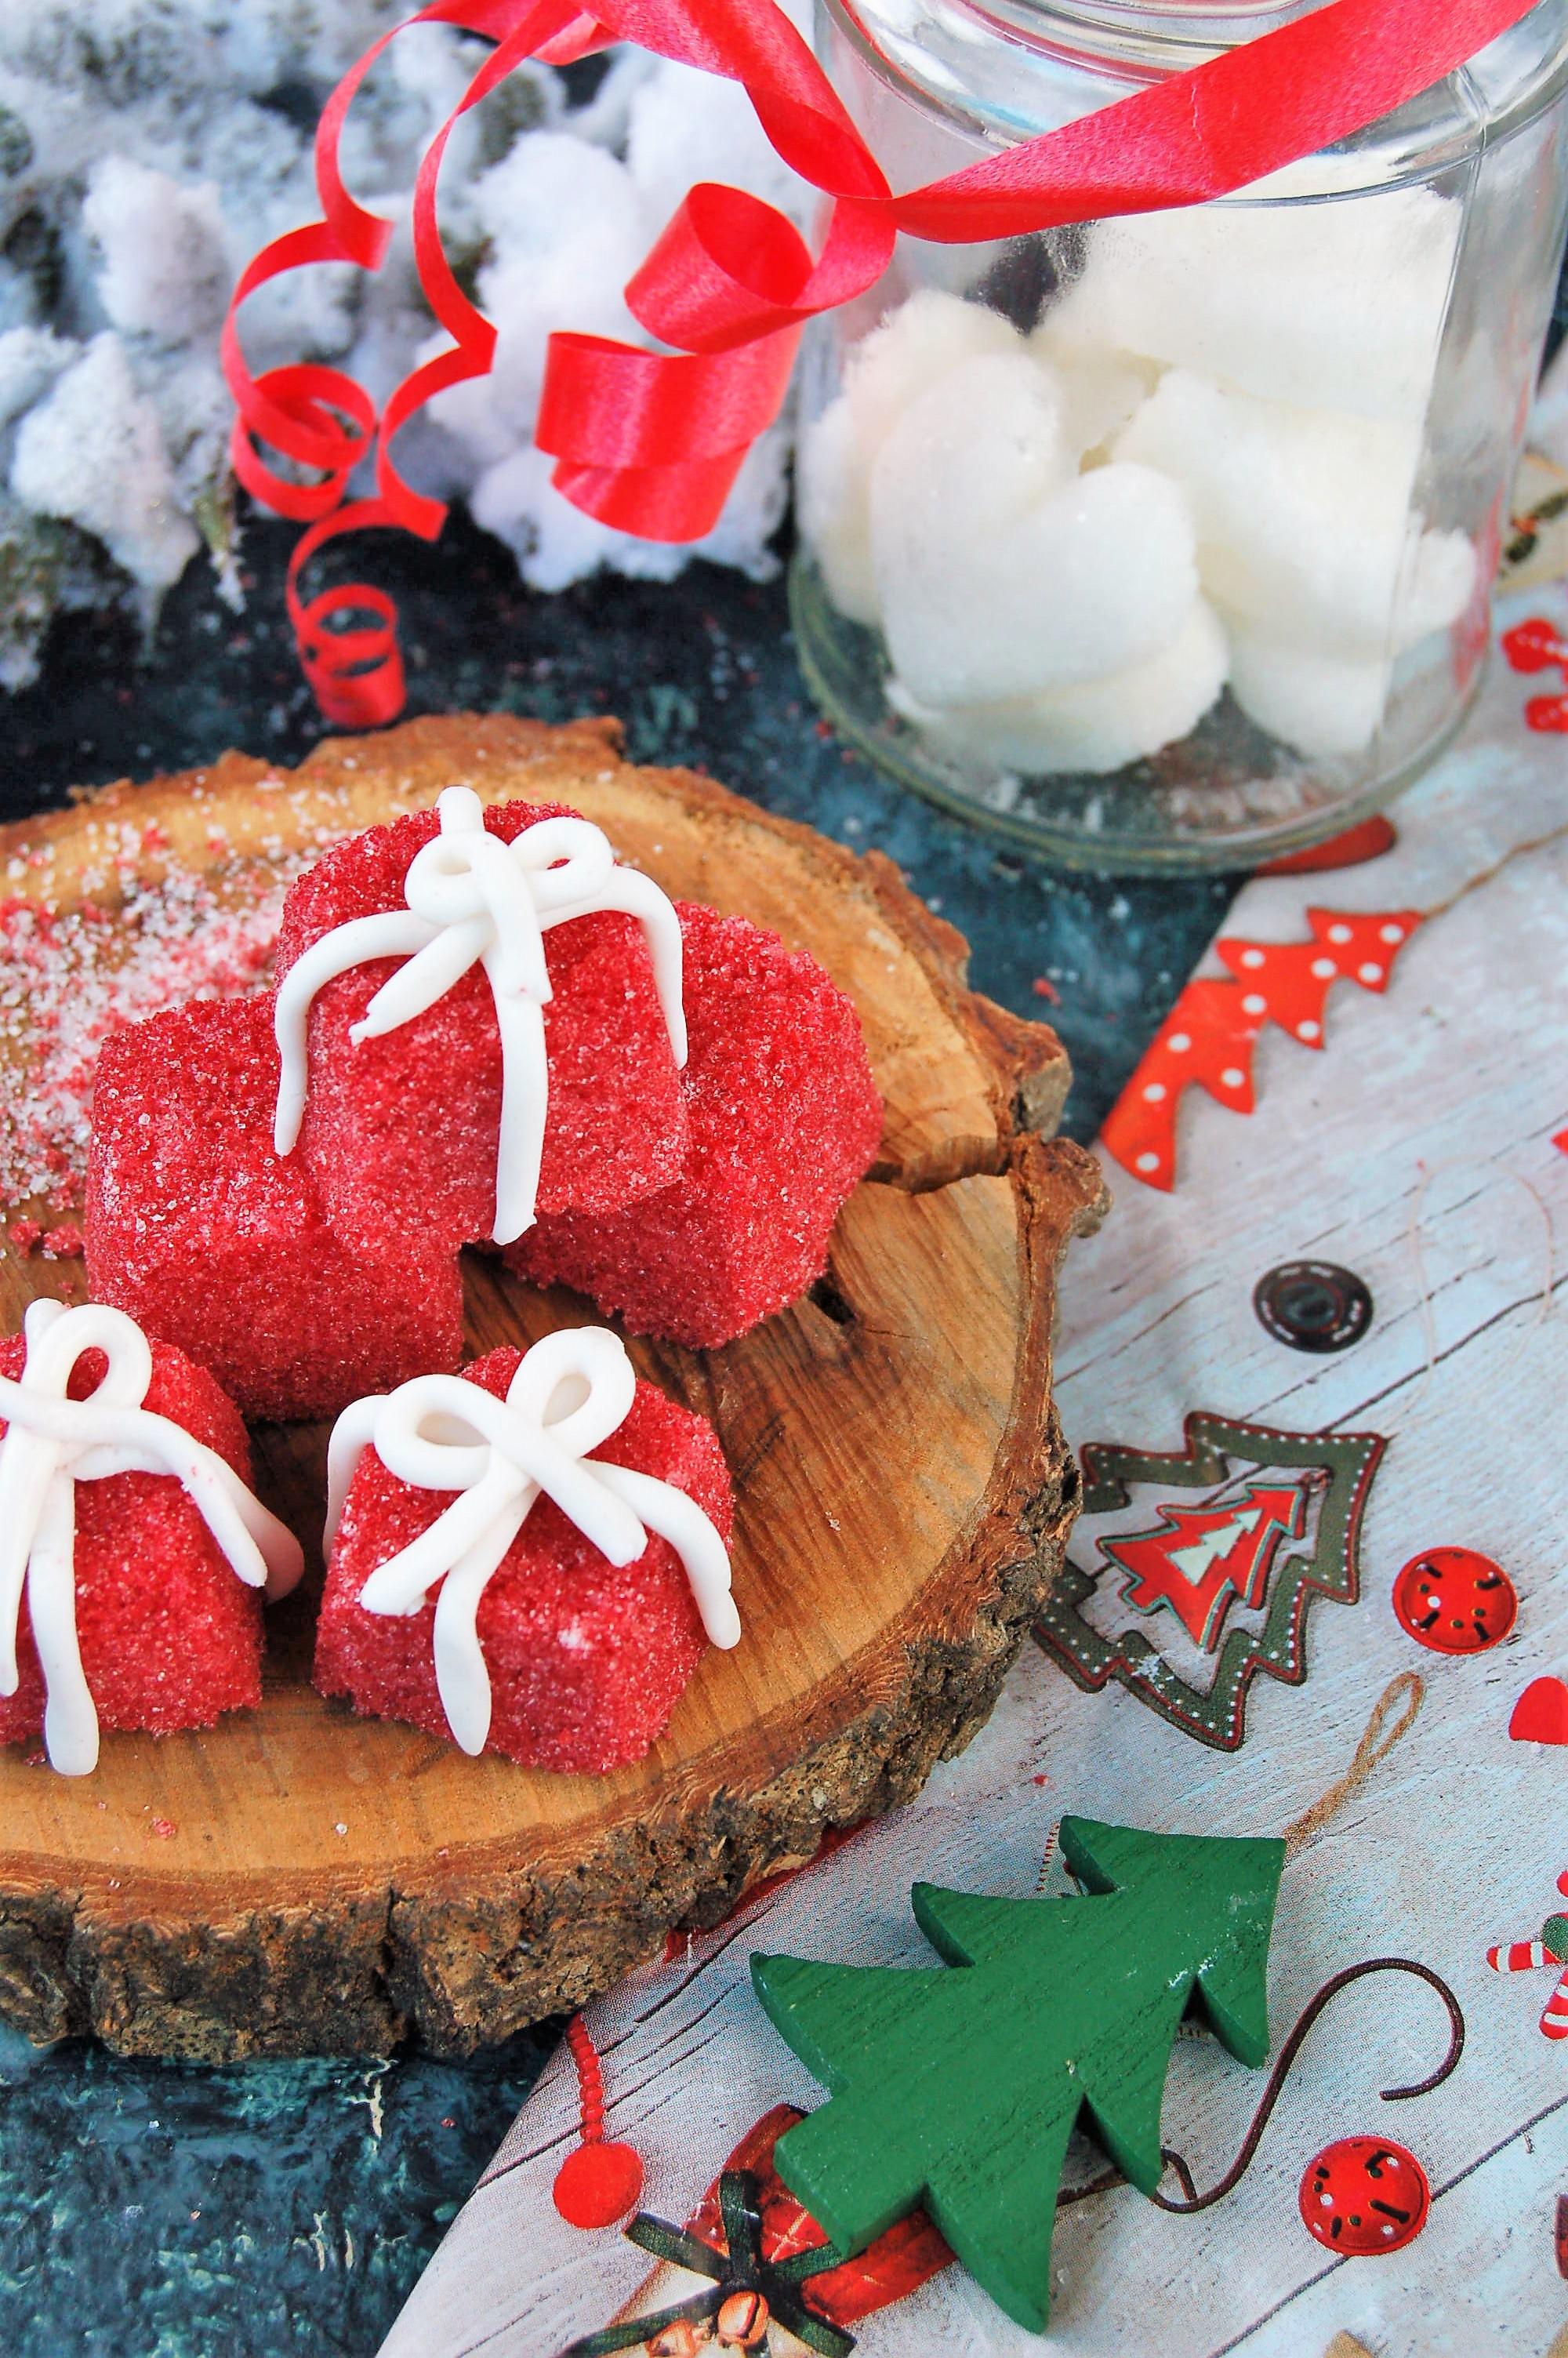 Zollette di zucchero colorato da regalare